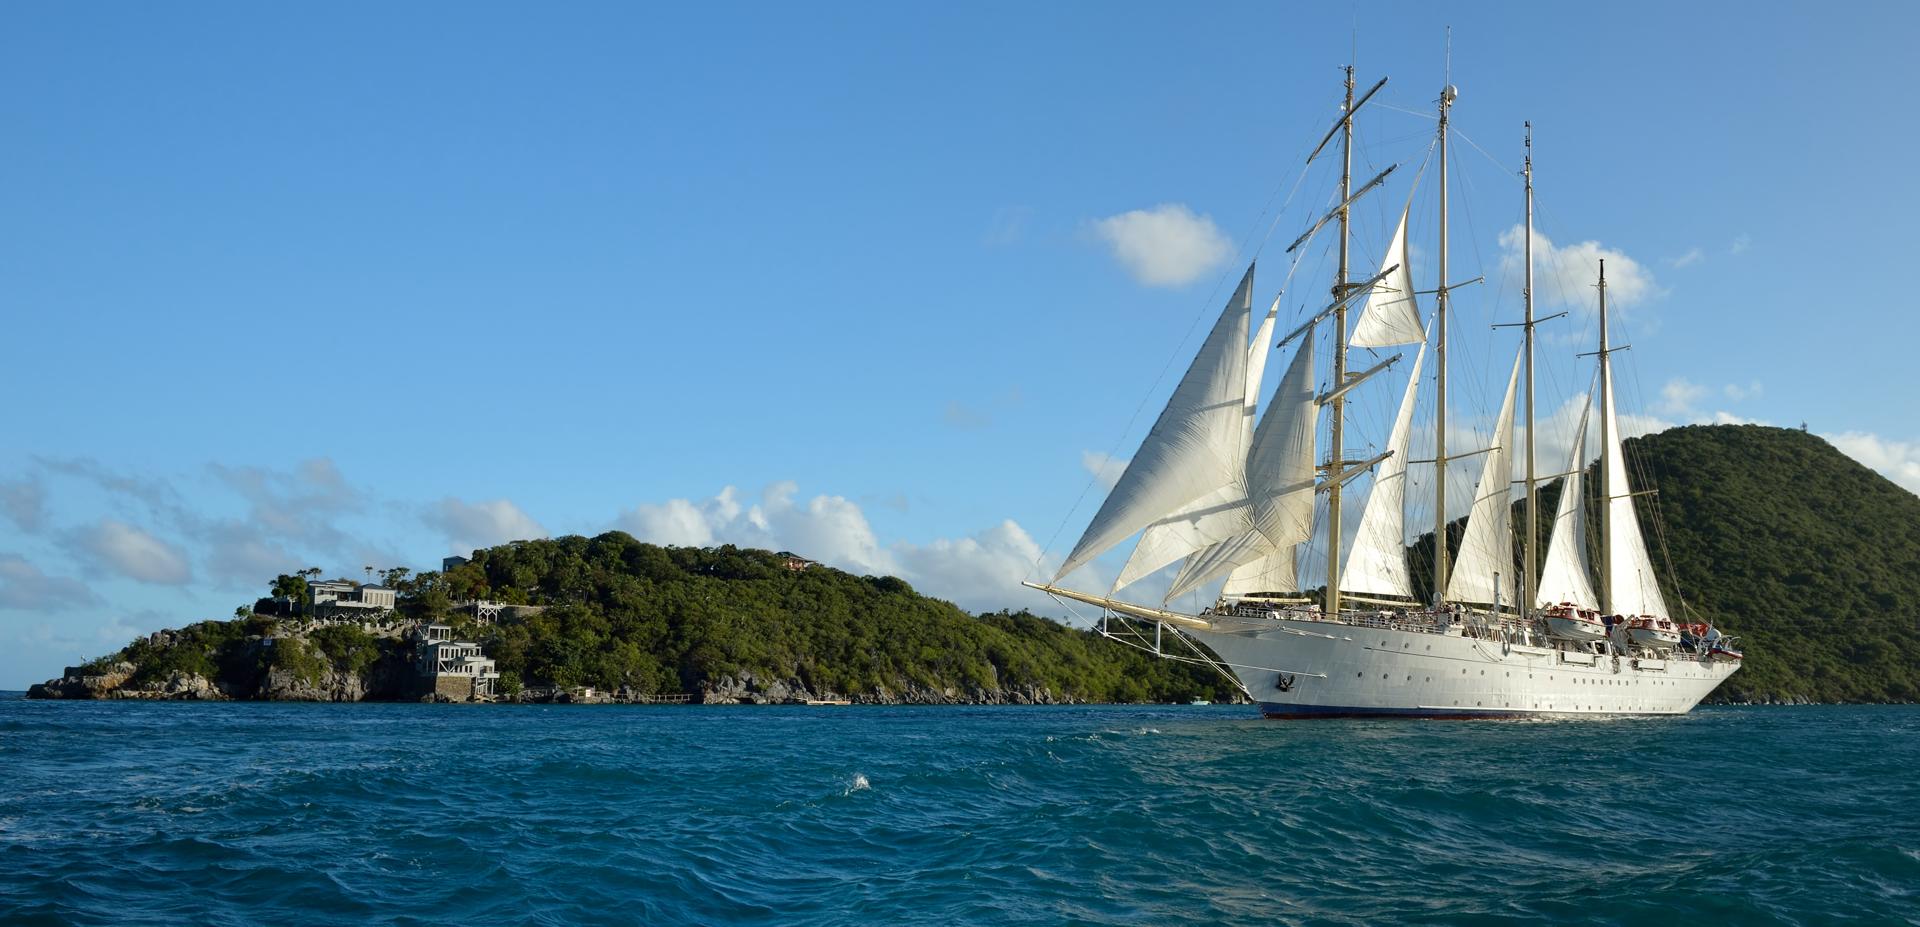 sail_1920_2